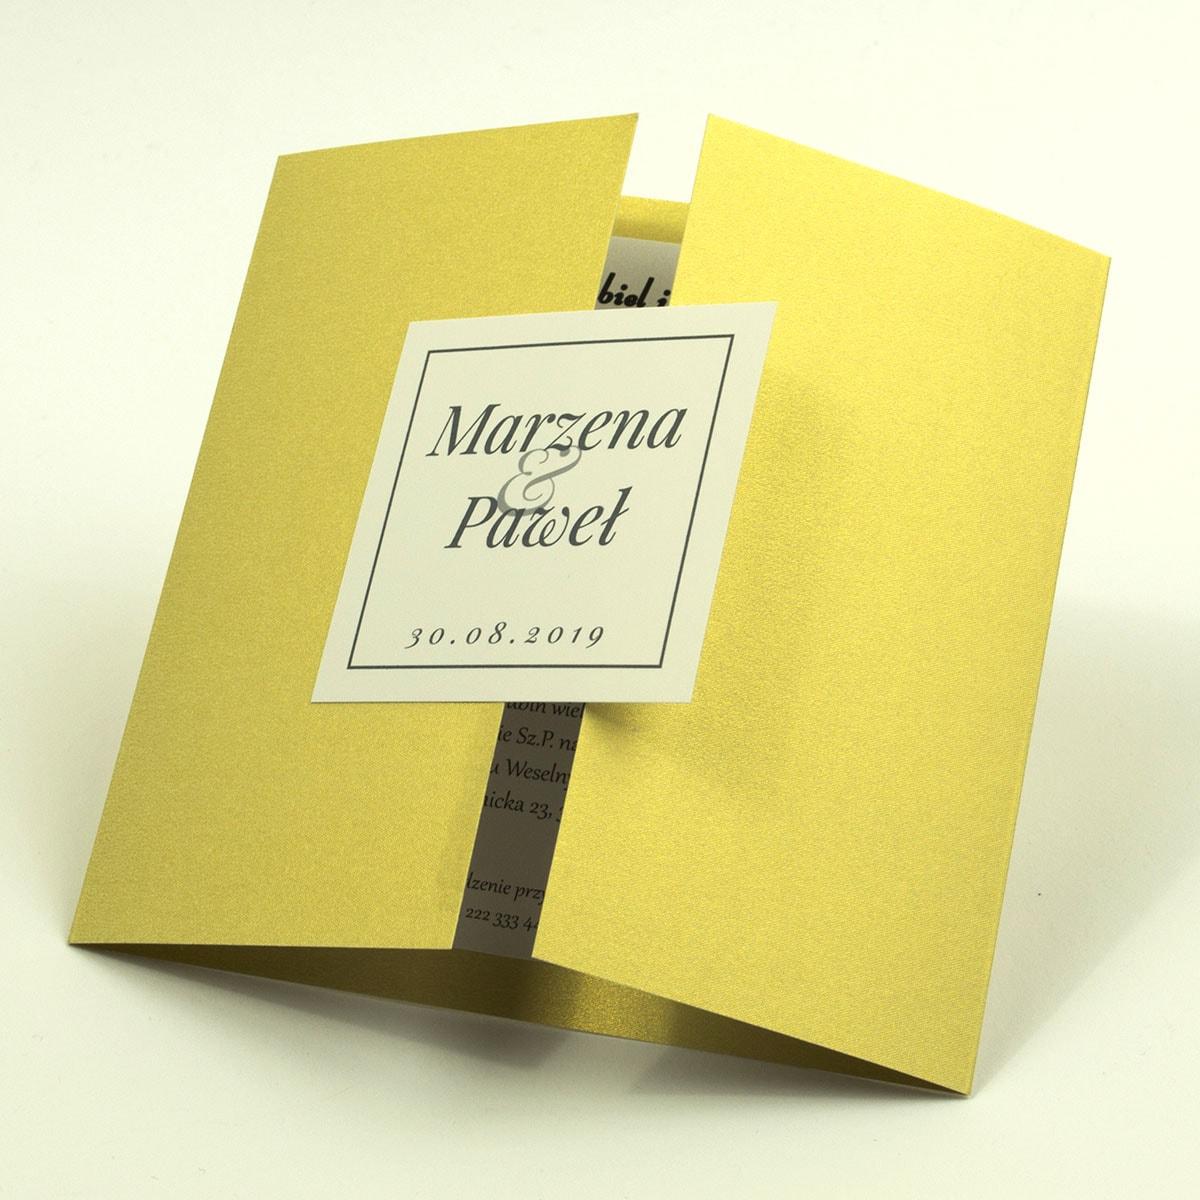 Stylowe zaproszenia ślubne na złotym papierze ozdobnym, rozkładane na trzy części, z przyklejanym wnętrzem oraz motywem tekstowym. ZAP-74-59